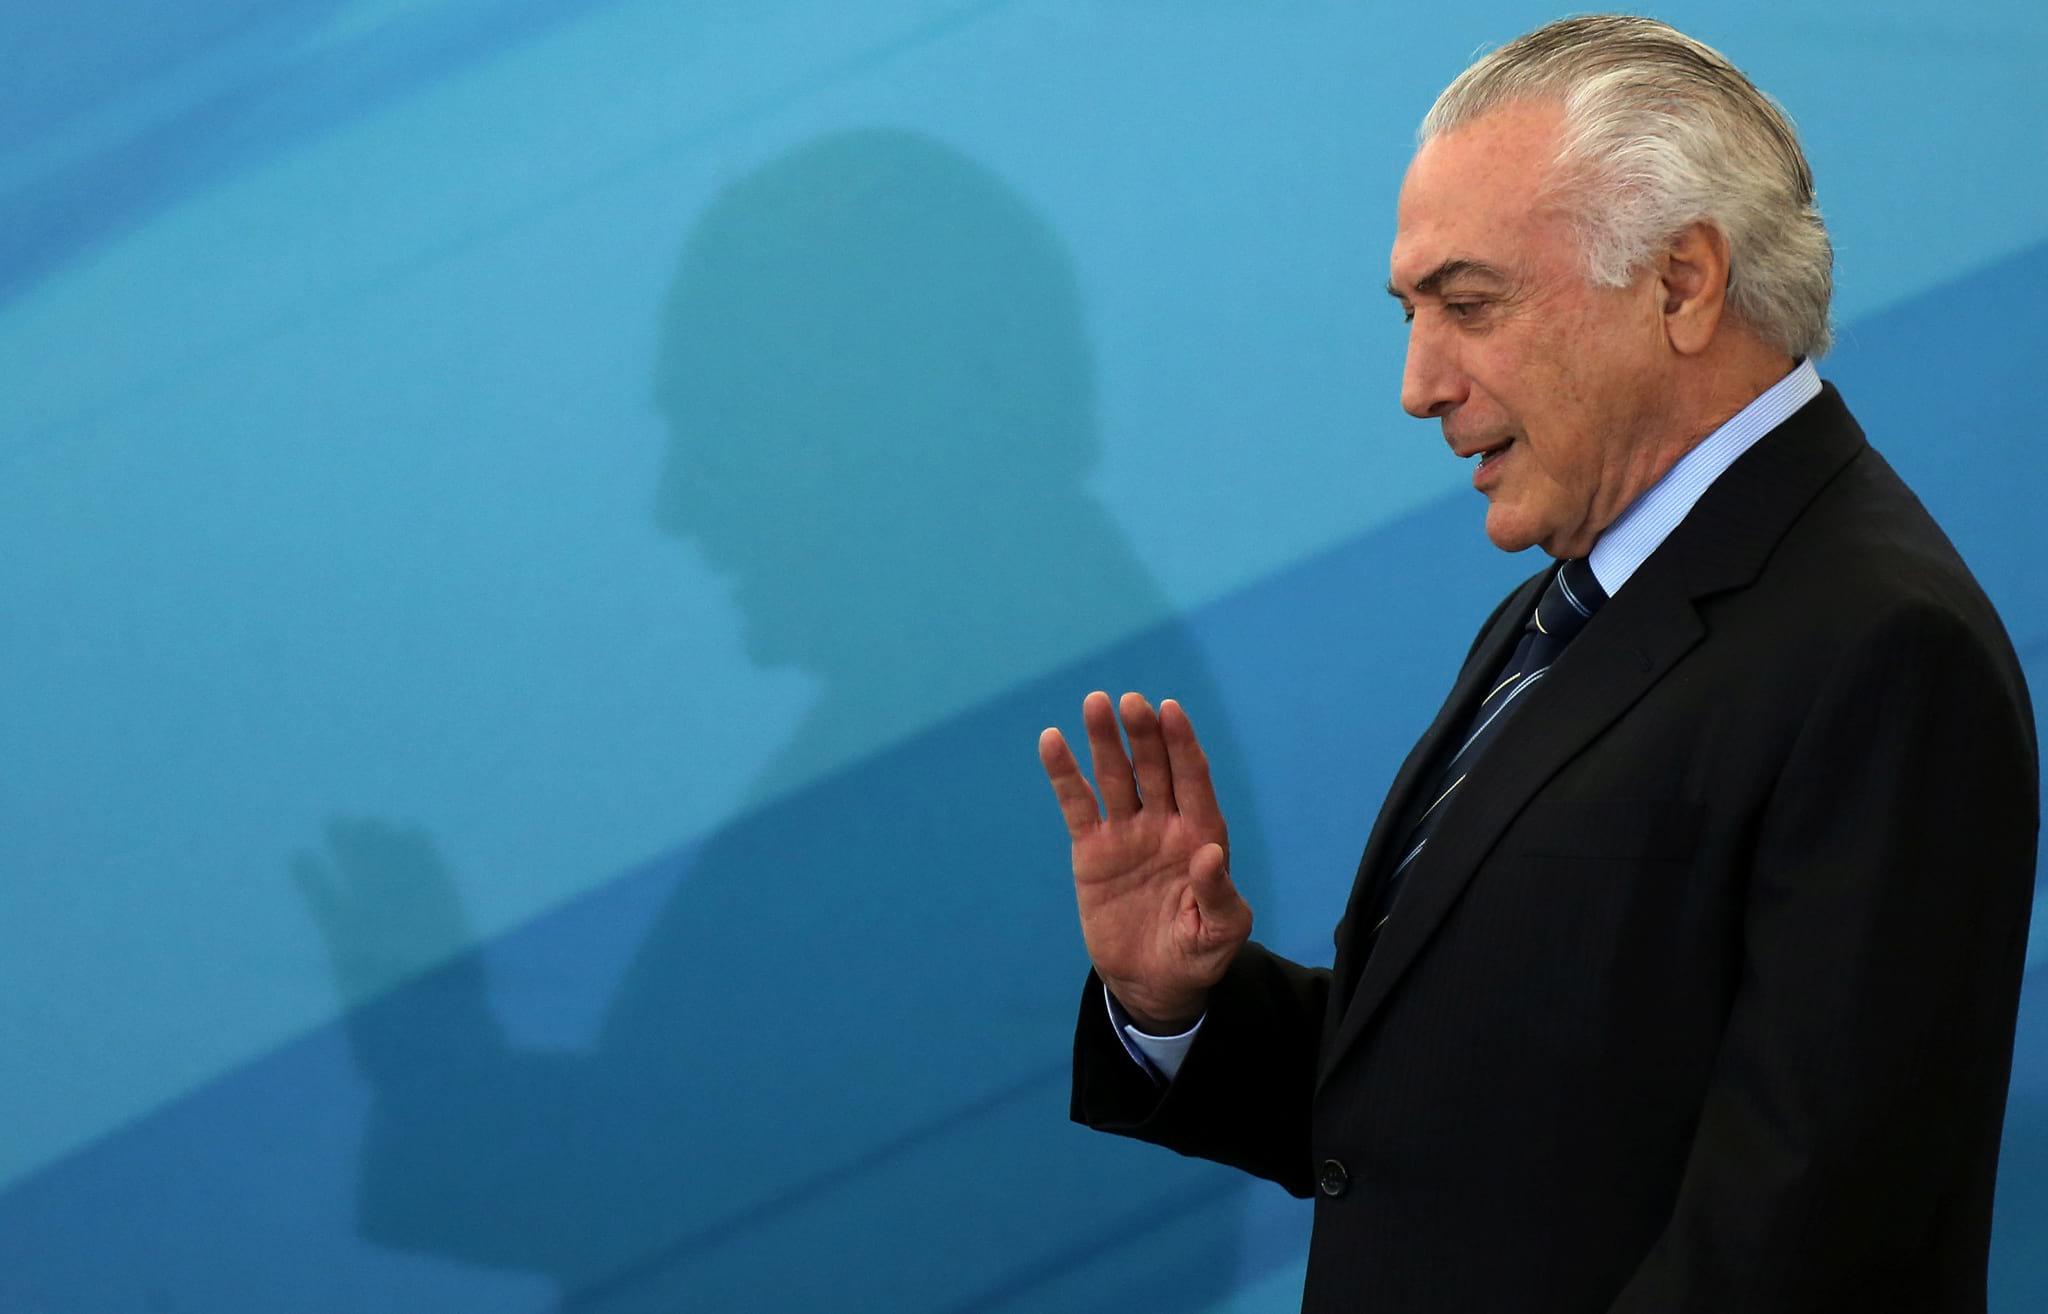 PÚBLICO - João Pedro Marques